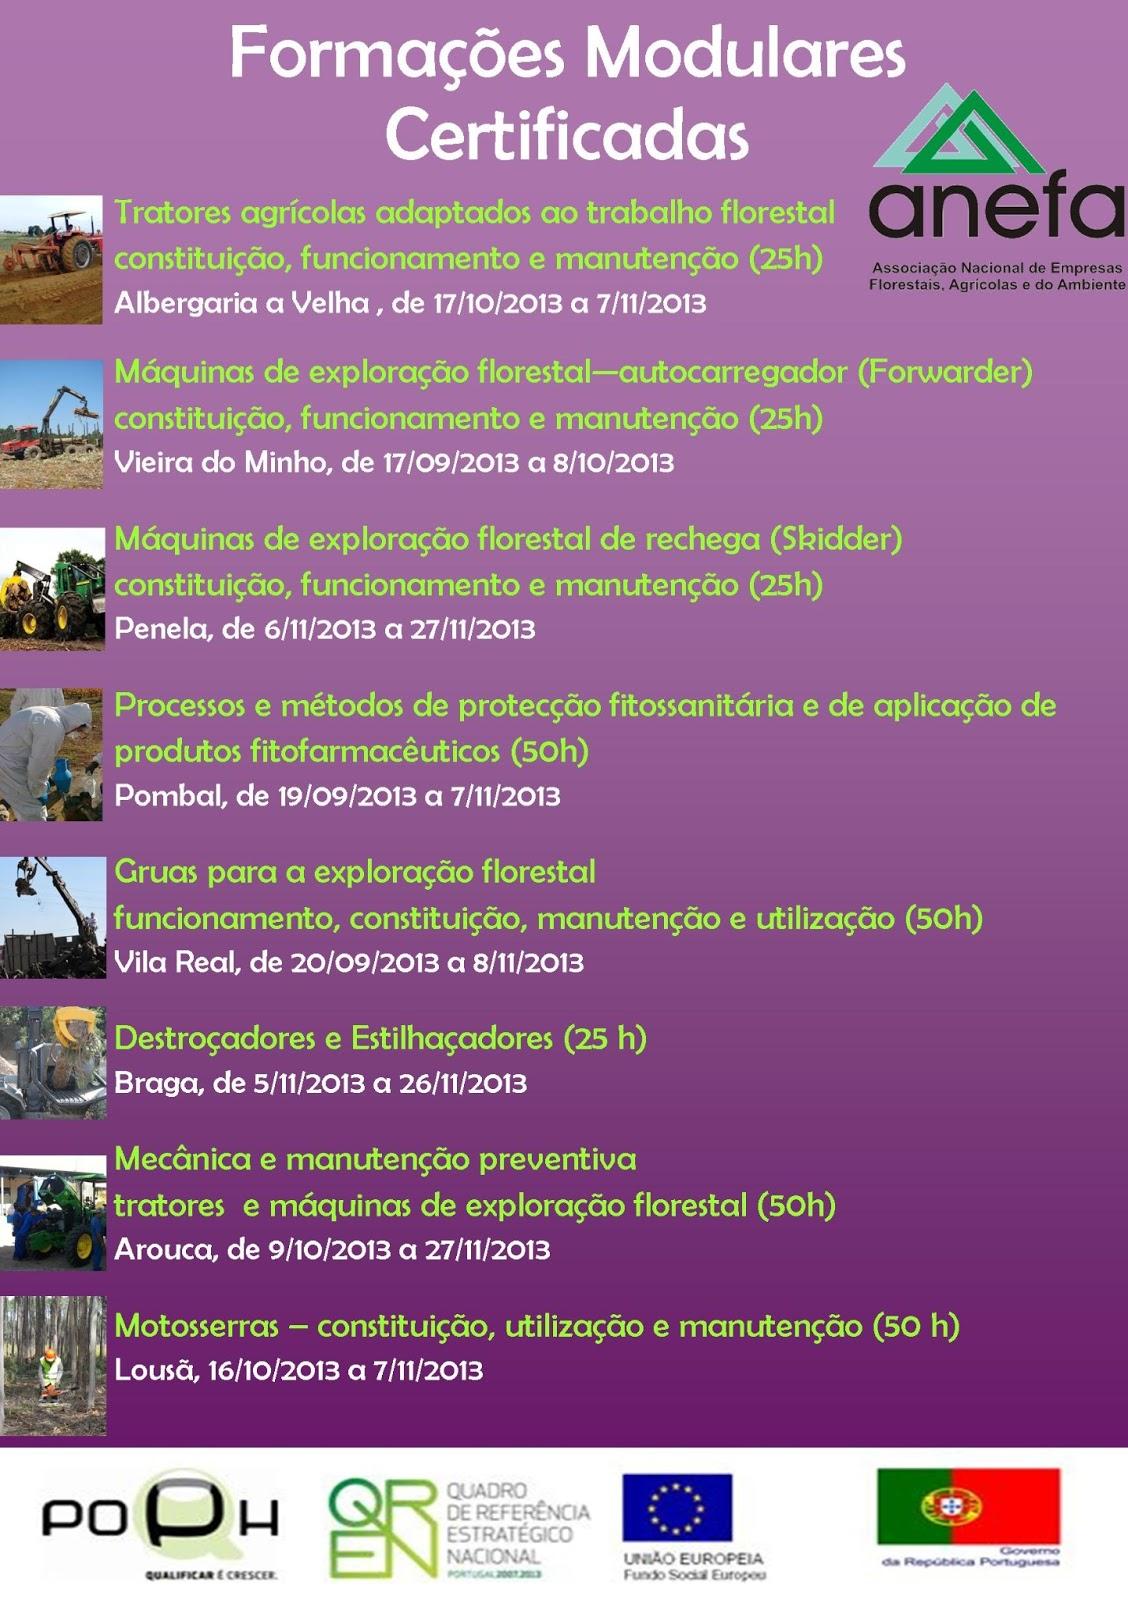 Formação gratuita para associados da ANEFA – Braga, Vila Real, Vieira do Minho, Arouca, Albergaria-a-Velha, Penela, Pombal, Lousã